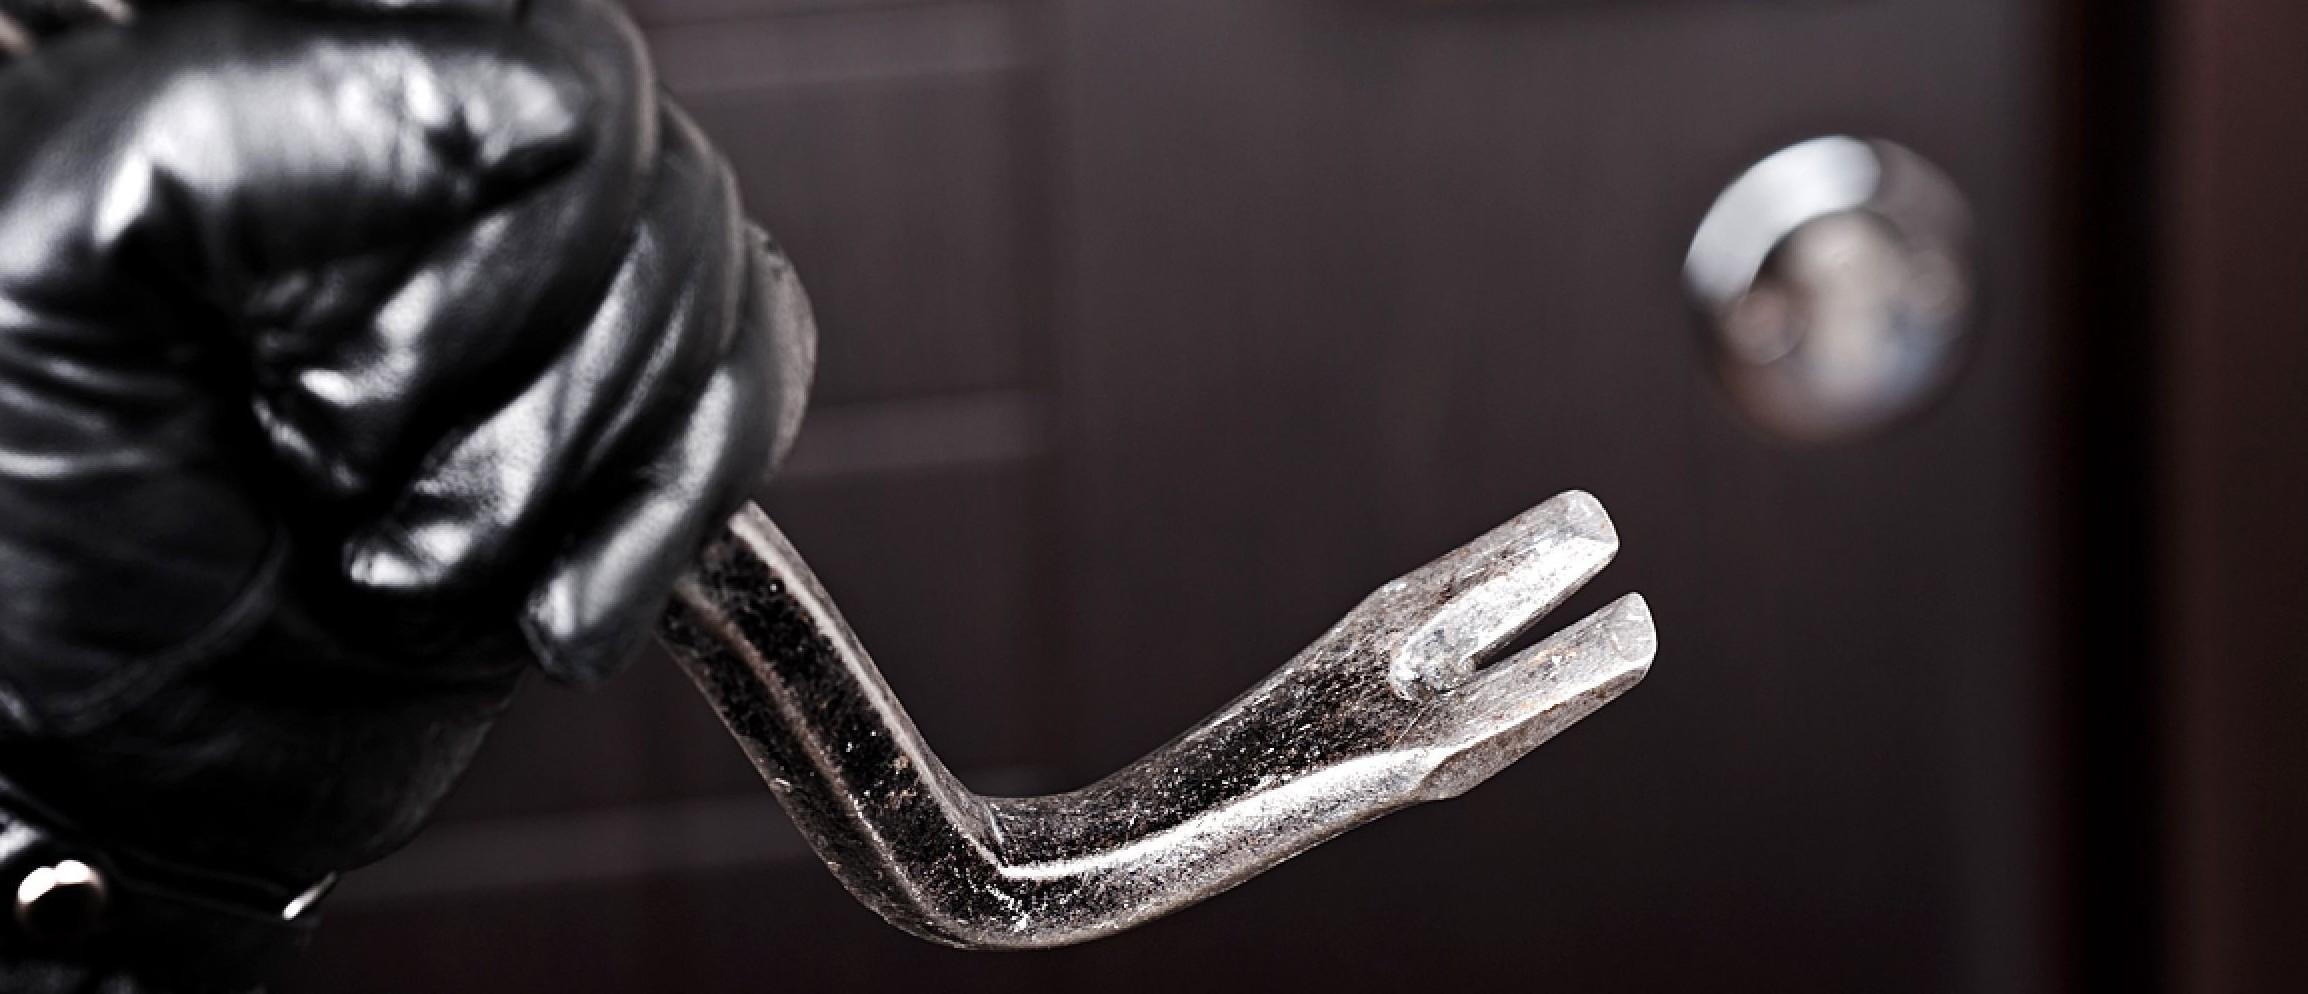 Come difendersi dai furti in casa ed evi